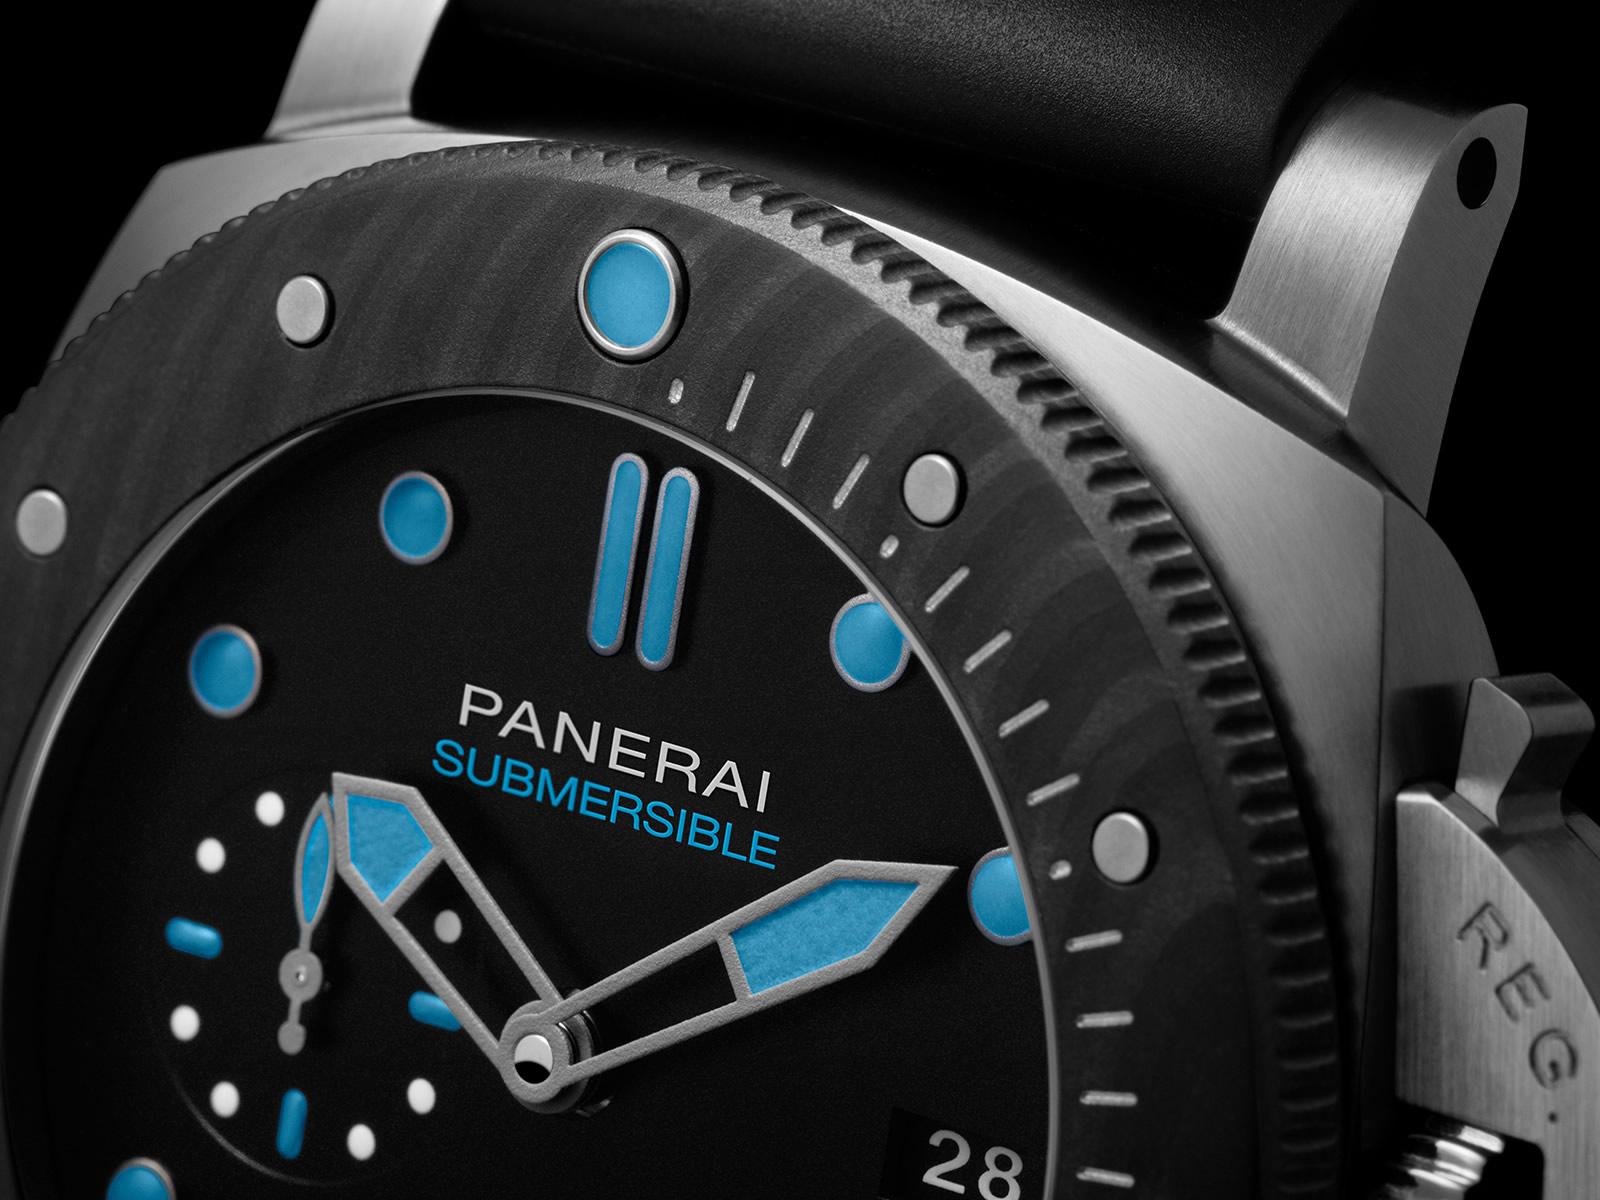 pam00799-officine-panerai-submersible-bmg-tech-47mm-3-.jpg